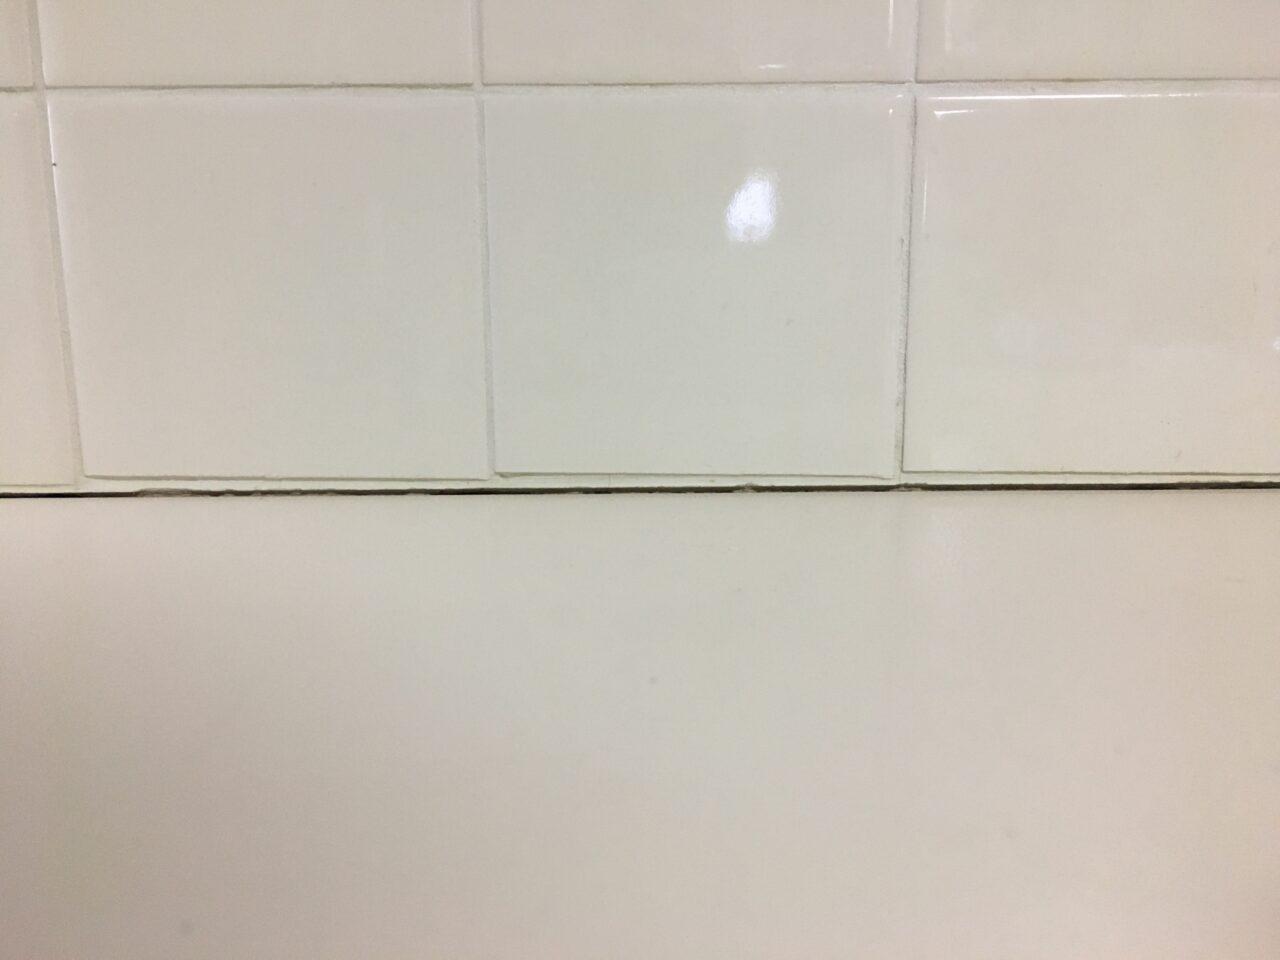 キッチン天板の隙間を補修